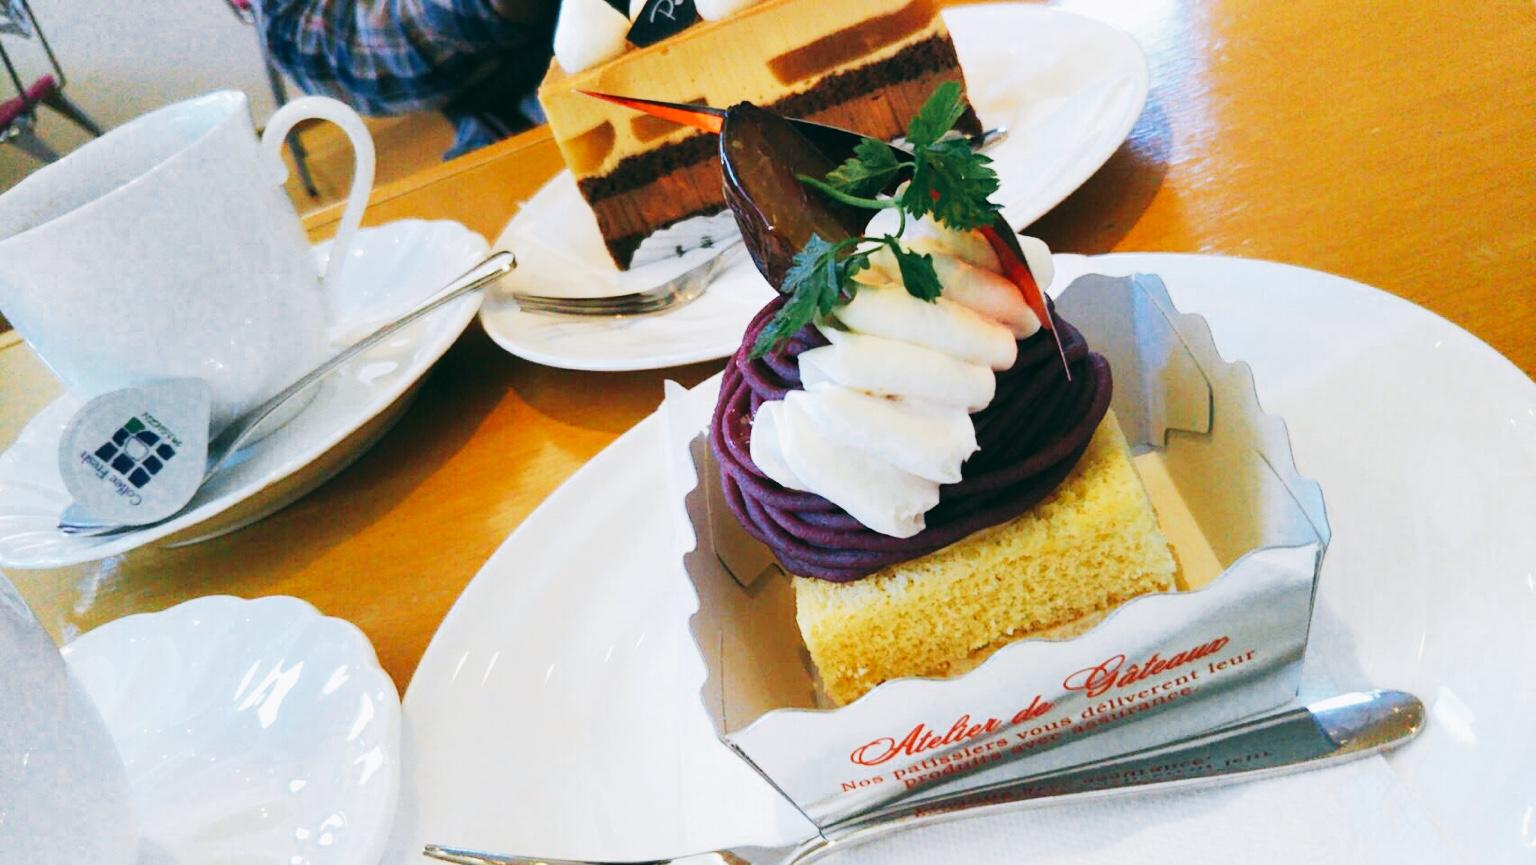 函館メルチーズのお店プティ・メルヴィーユのカフェ